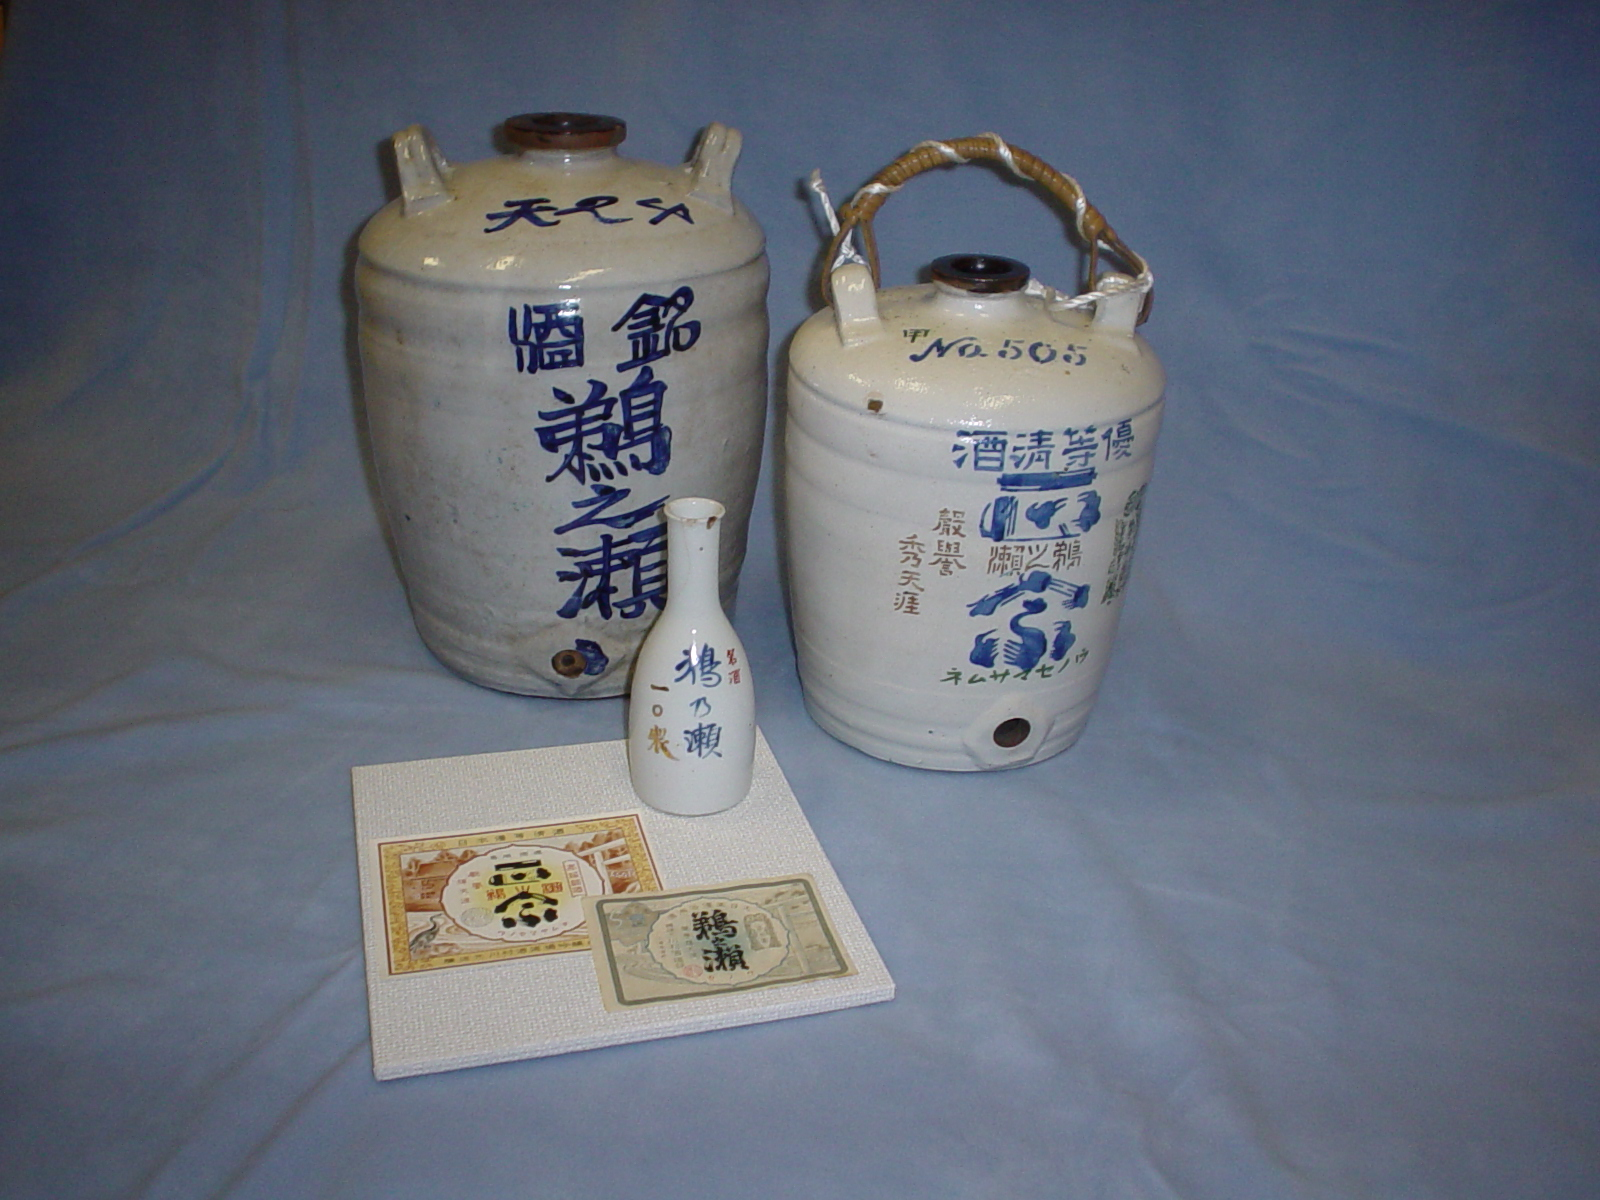 小浜の銘酒「鵜の瀬」の酒器(昭和時代)